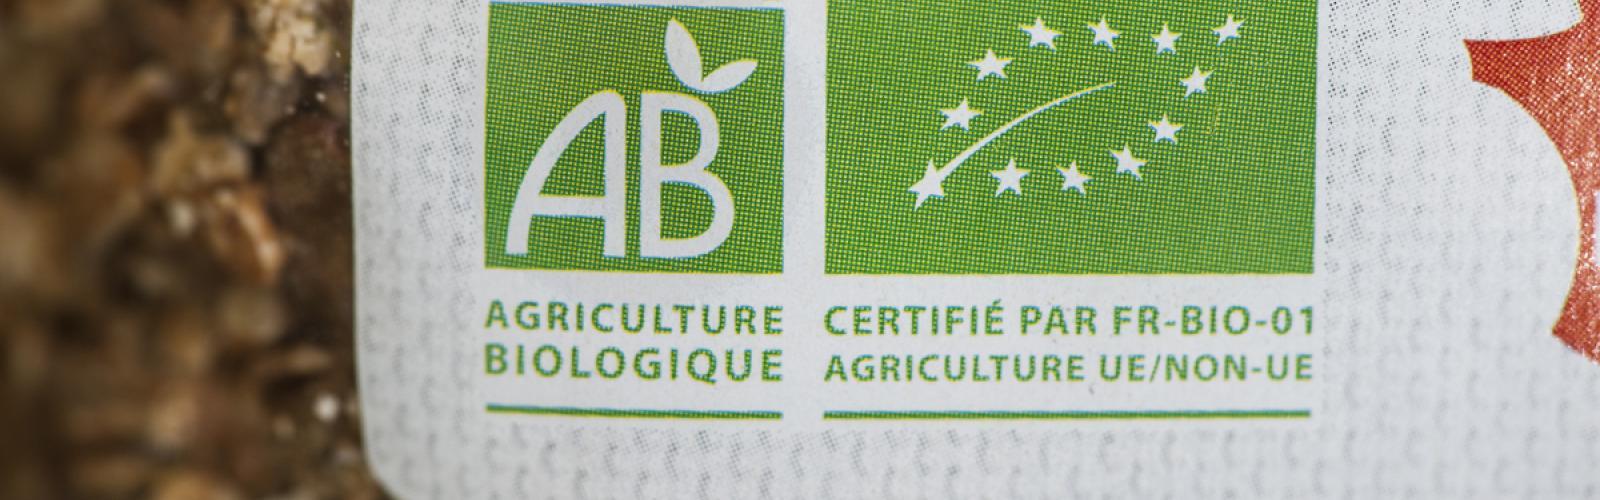 Label biologische landbouw